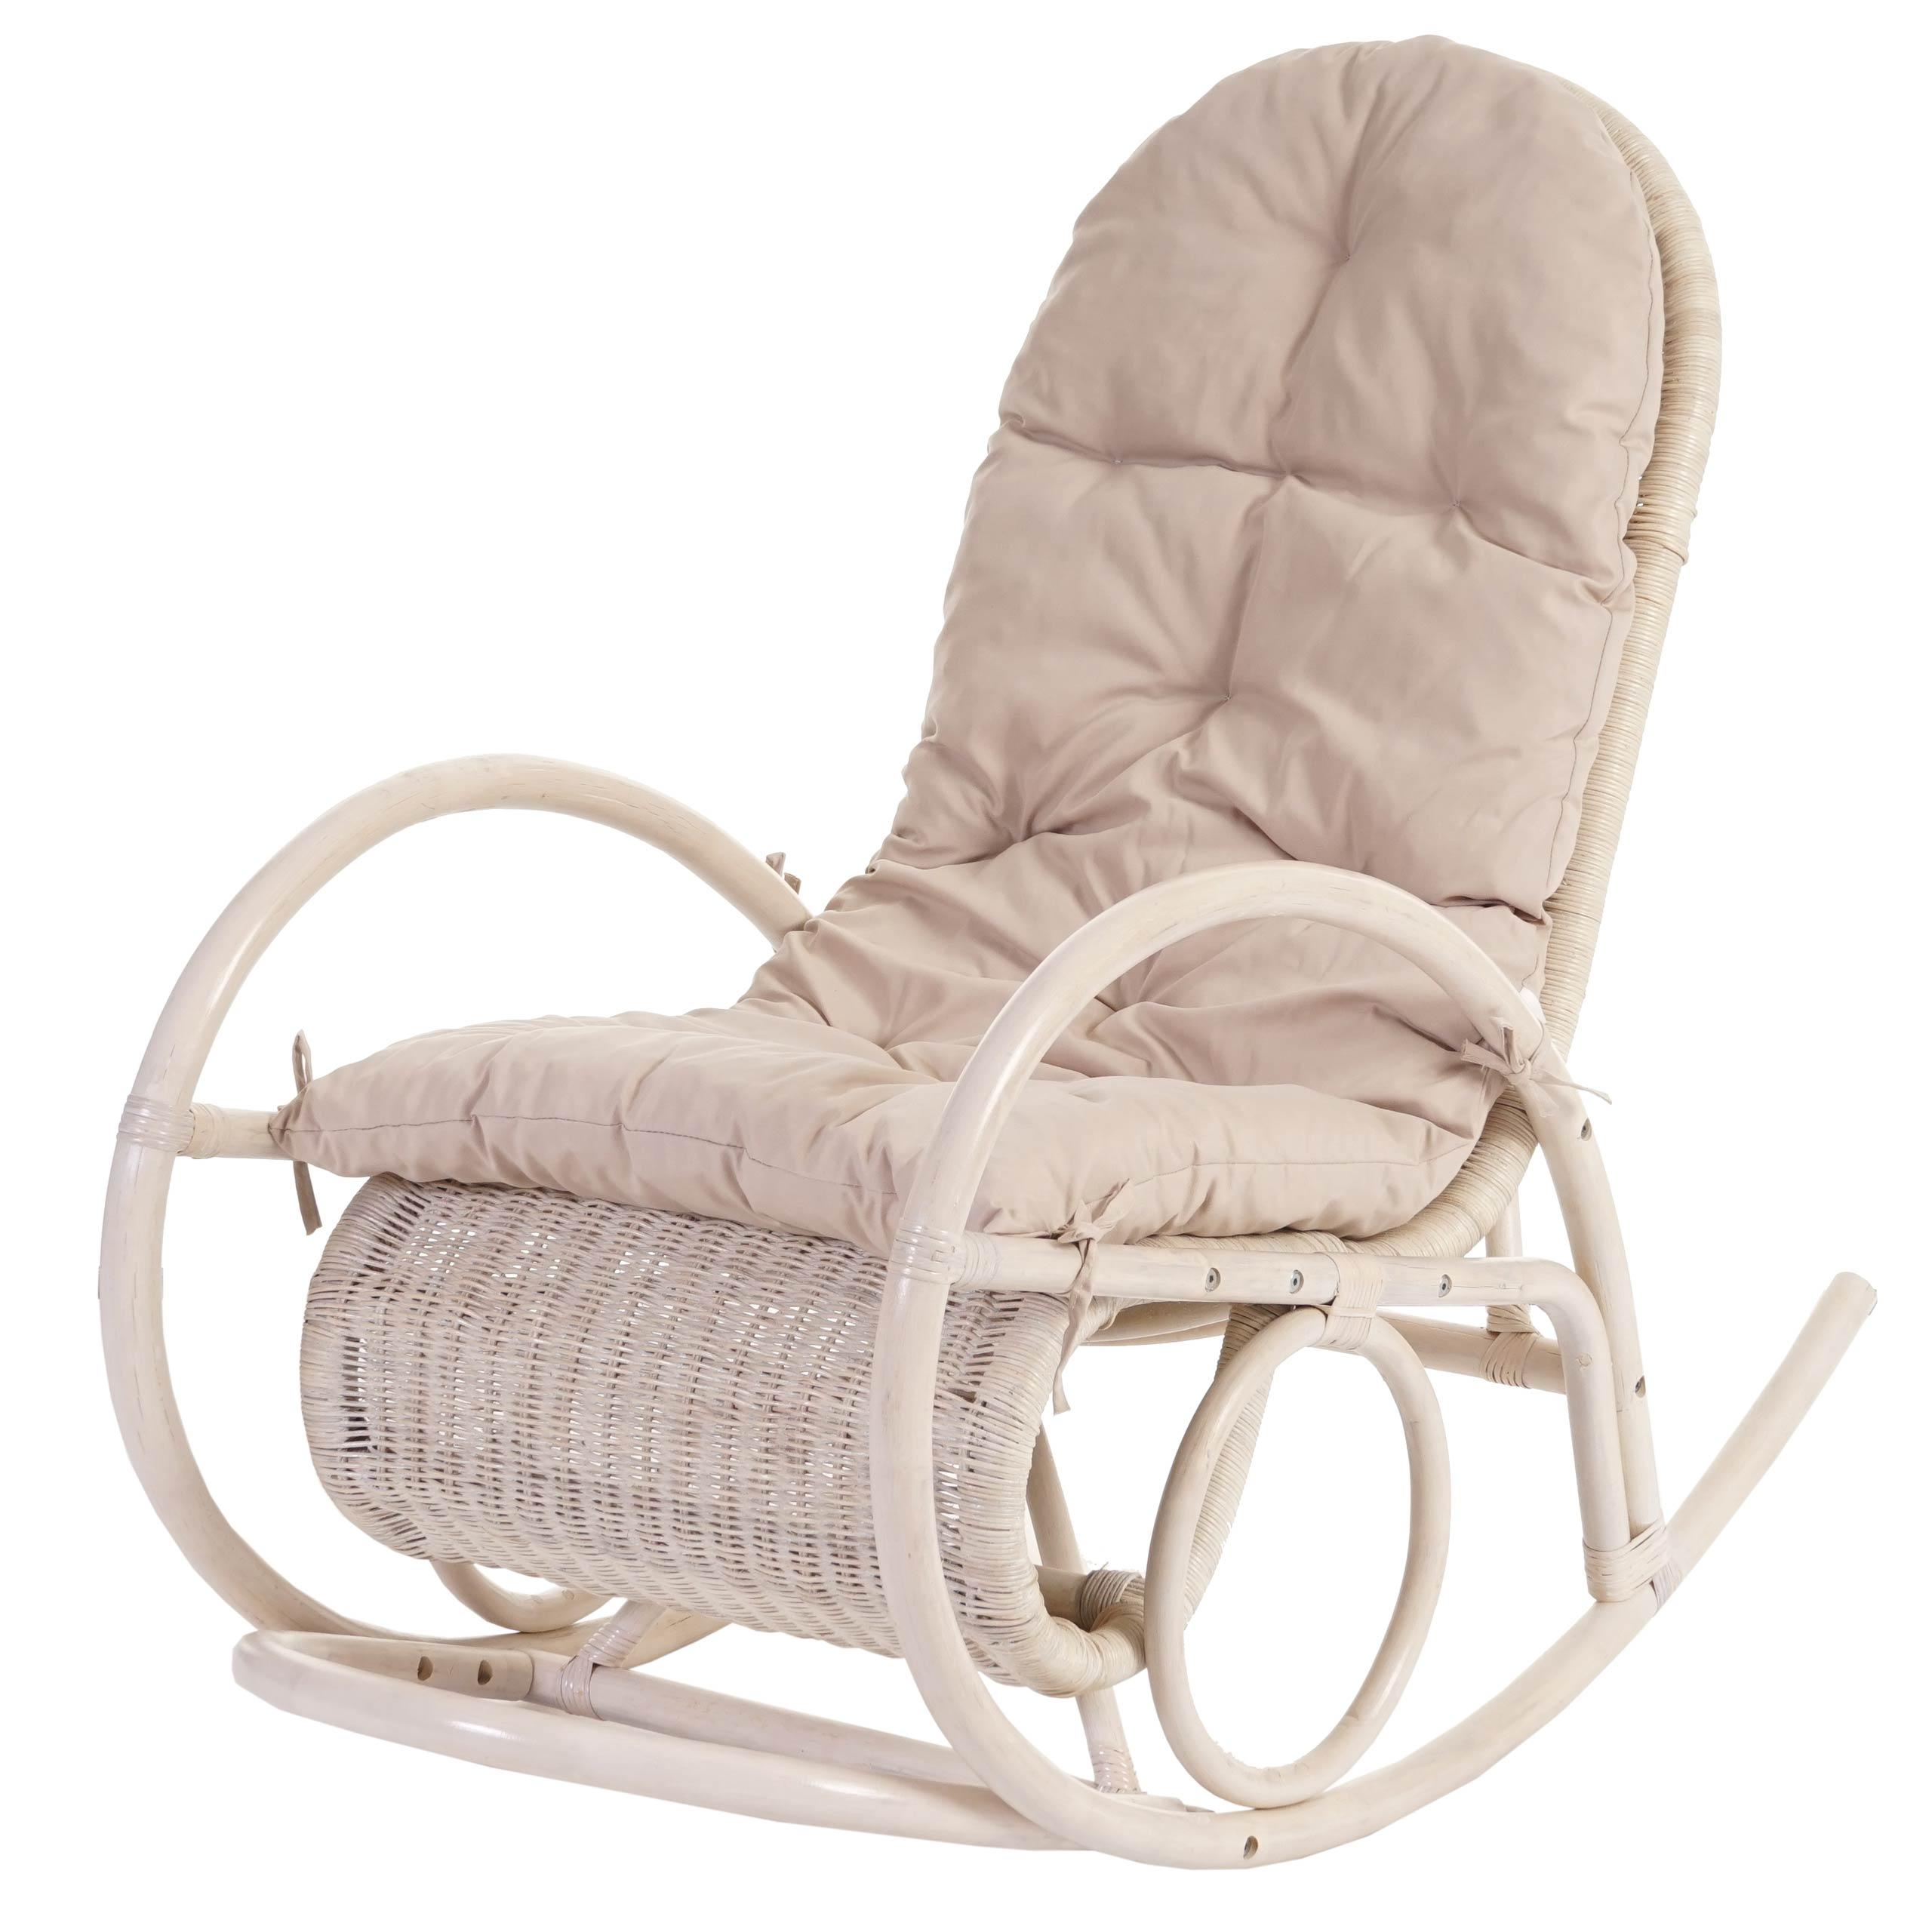 Sedia a dondolo Esmeraldas legno rattan 115x58x101cm cuscino avorio P  eBay